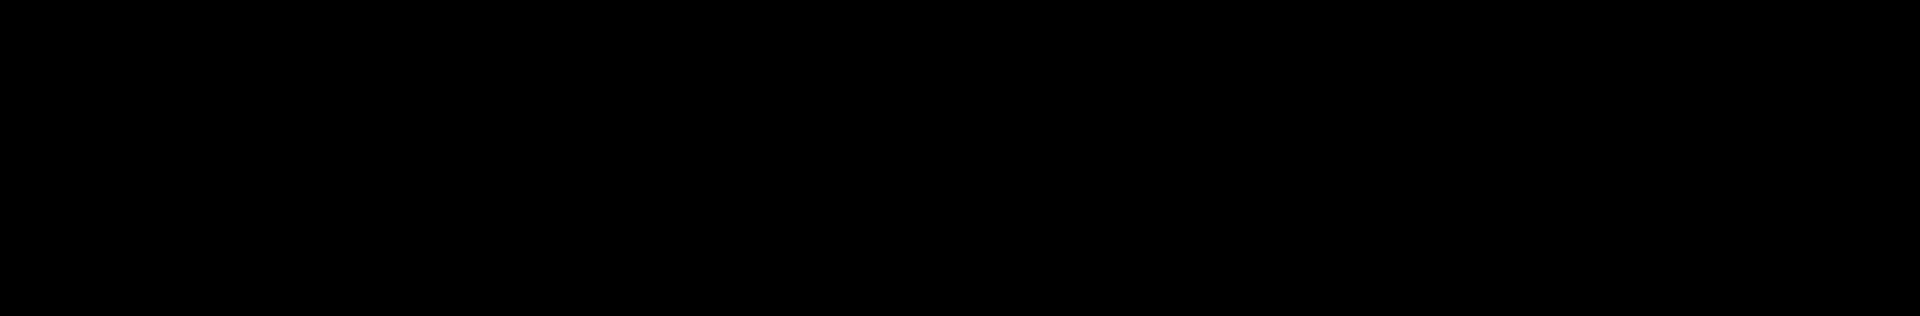 Compass_Logo_H_K_RBG_transparent-background.png